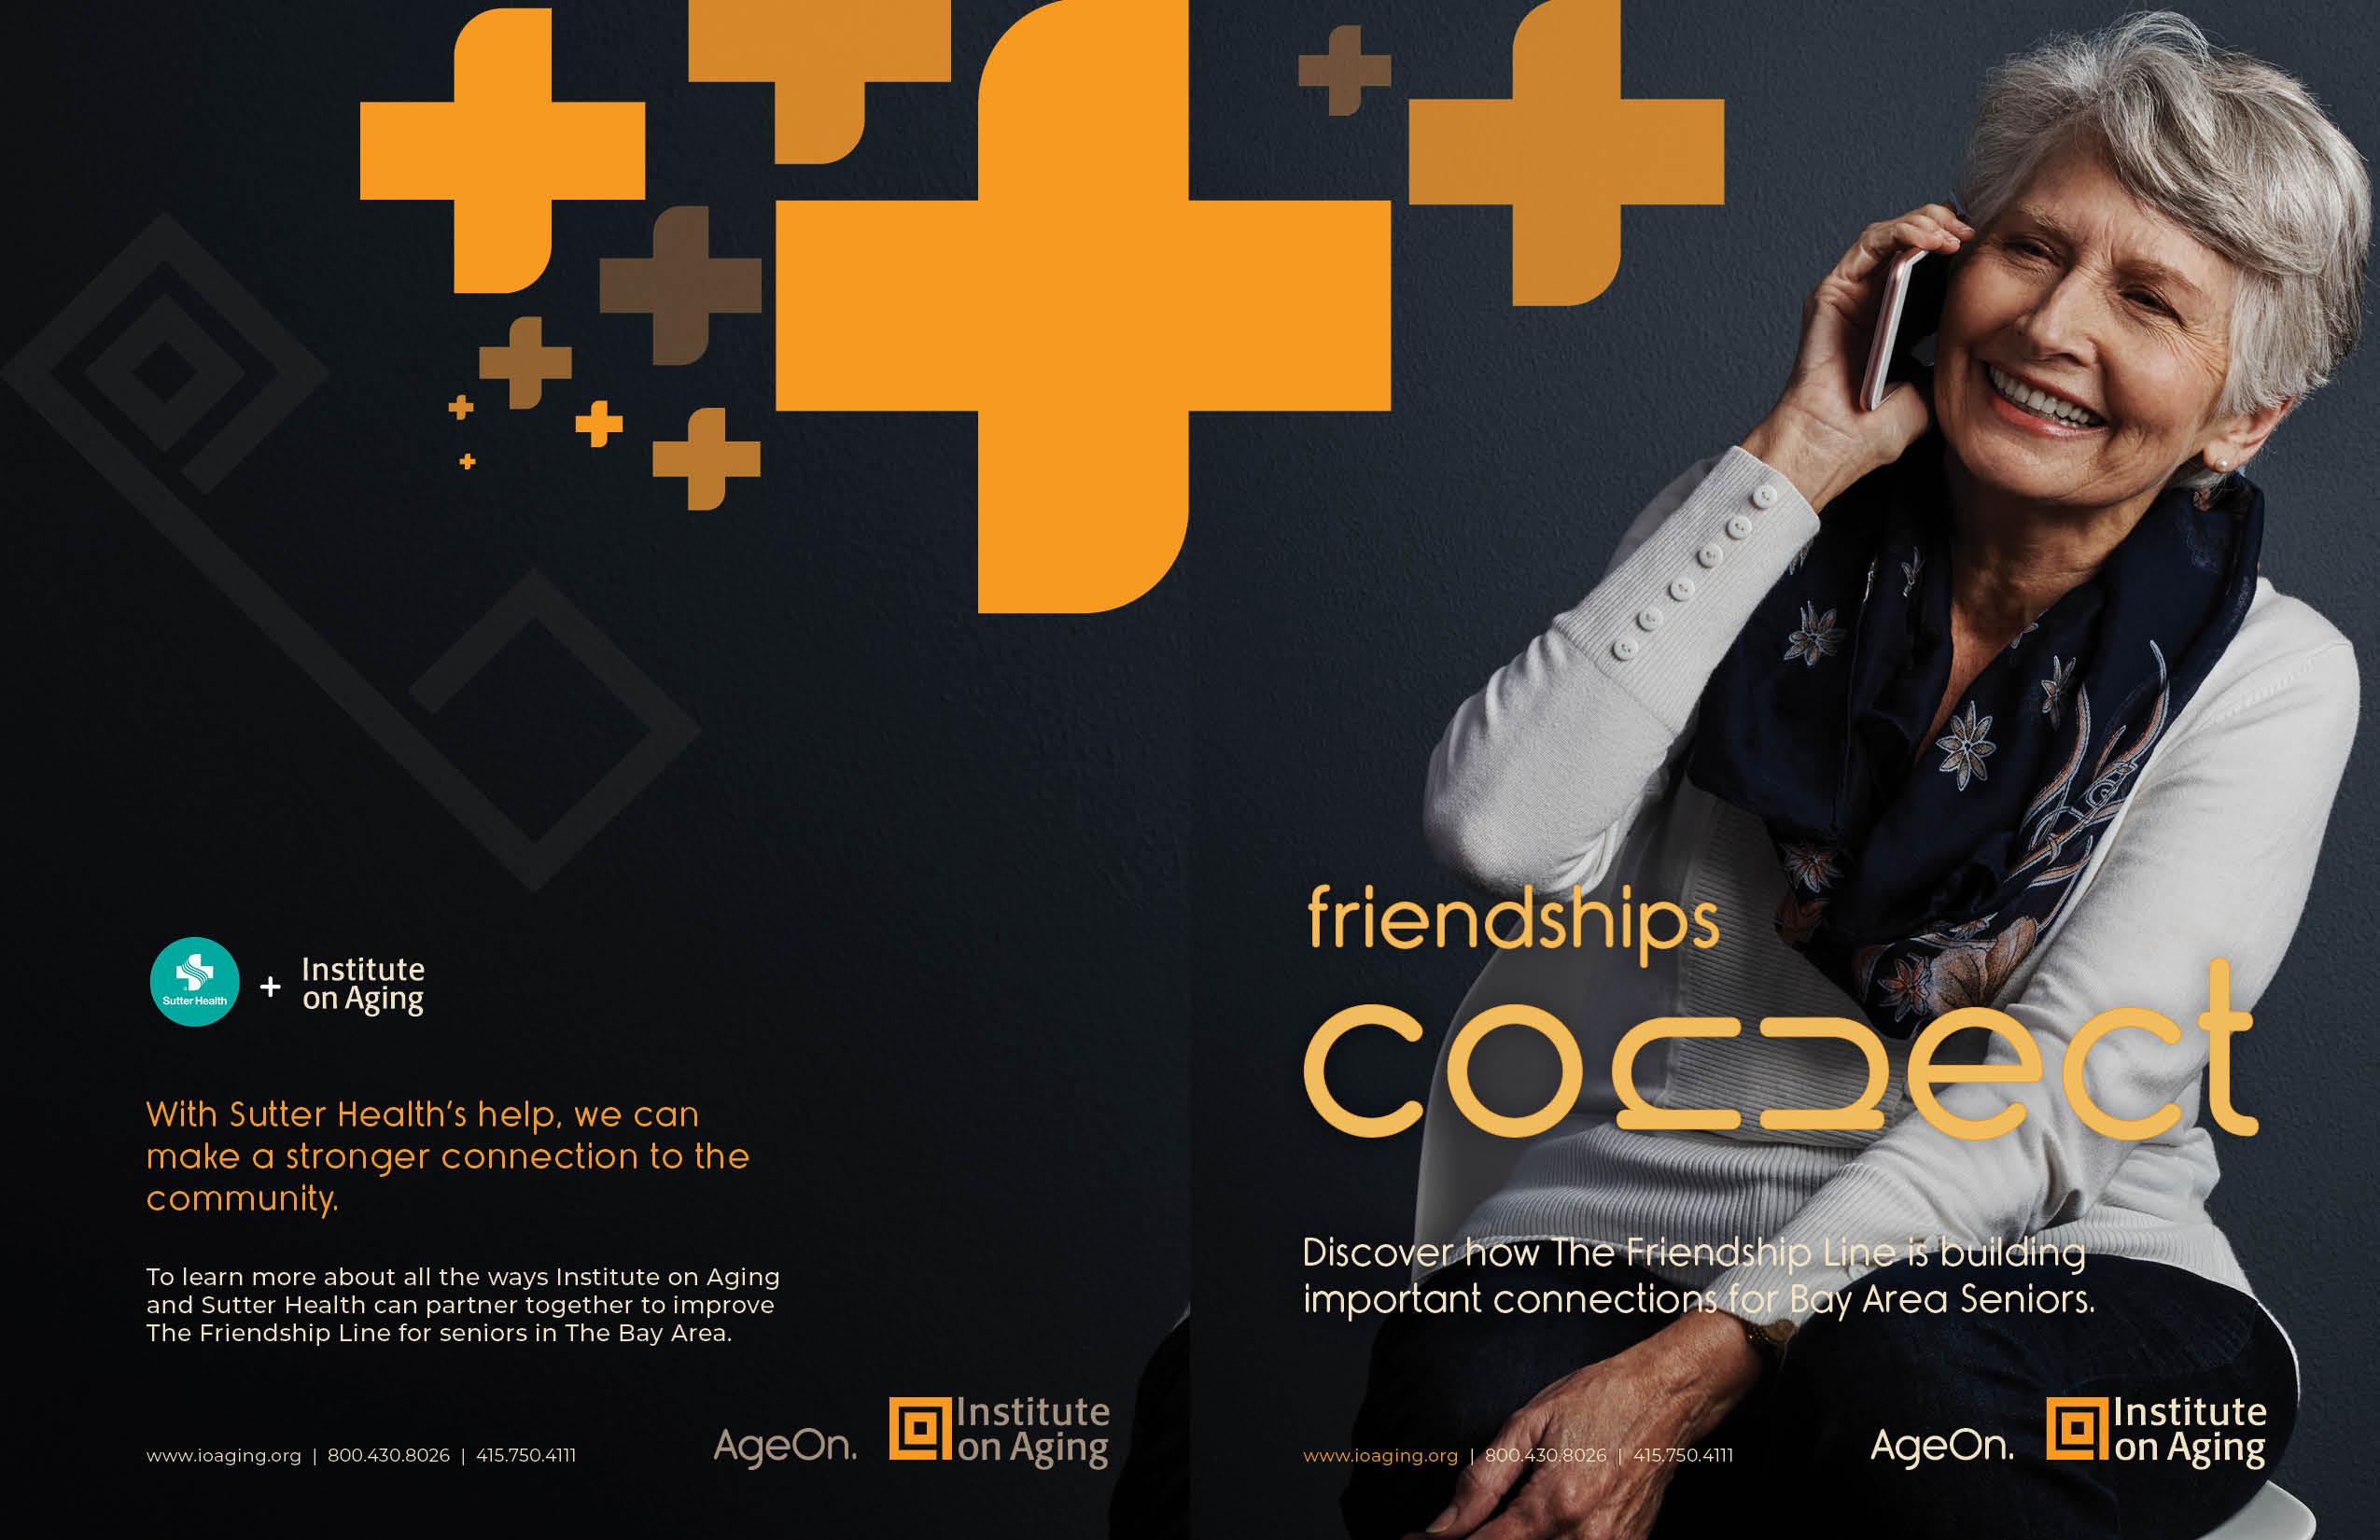 ioa_friendshipline_longform_v3_1105192